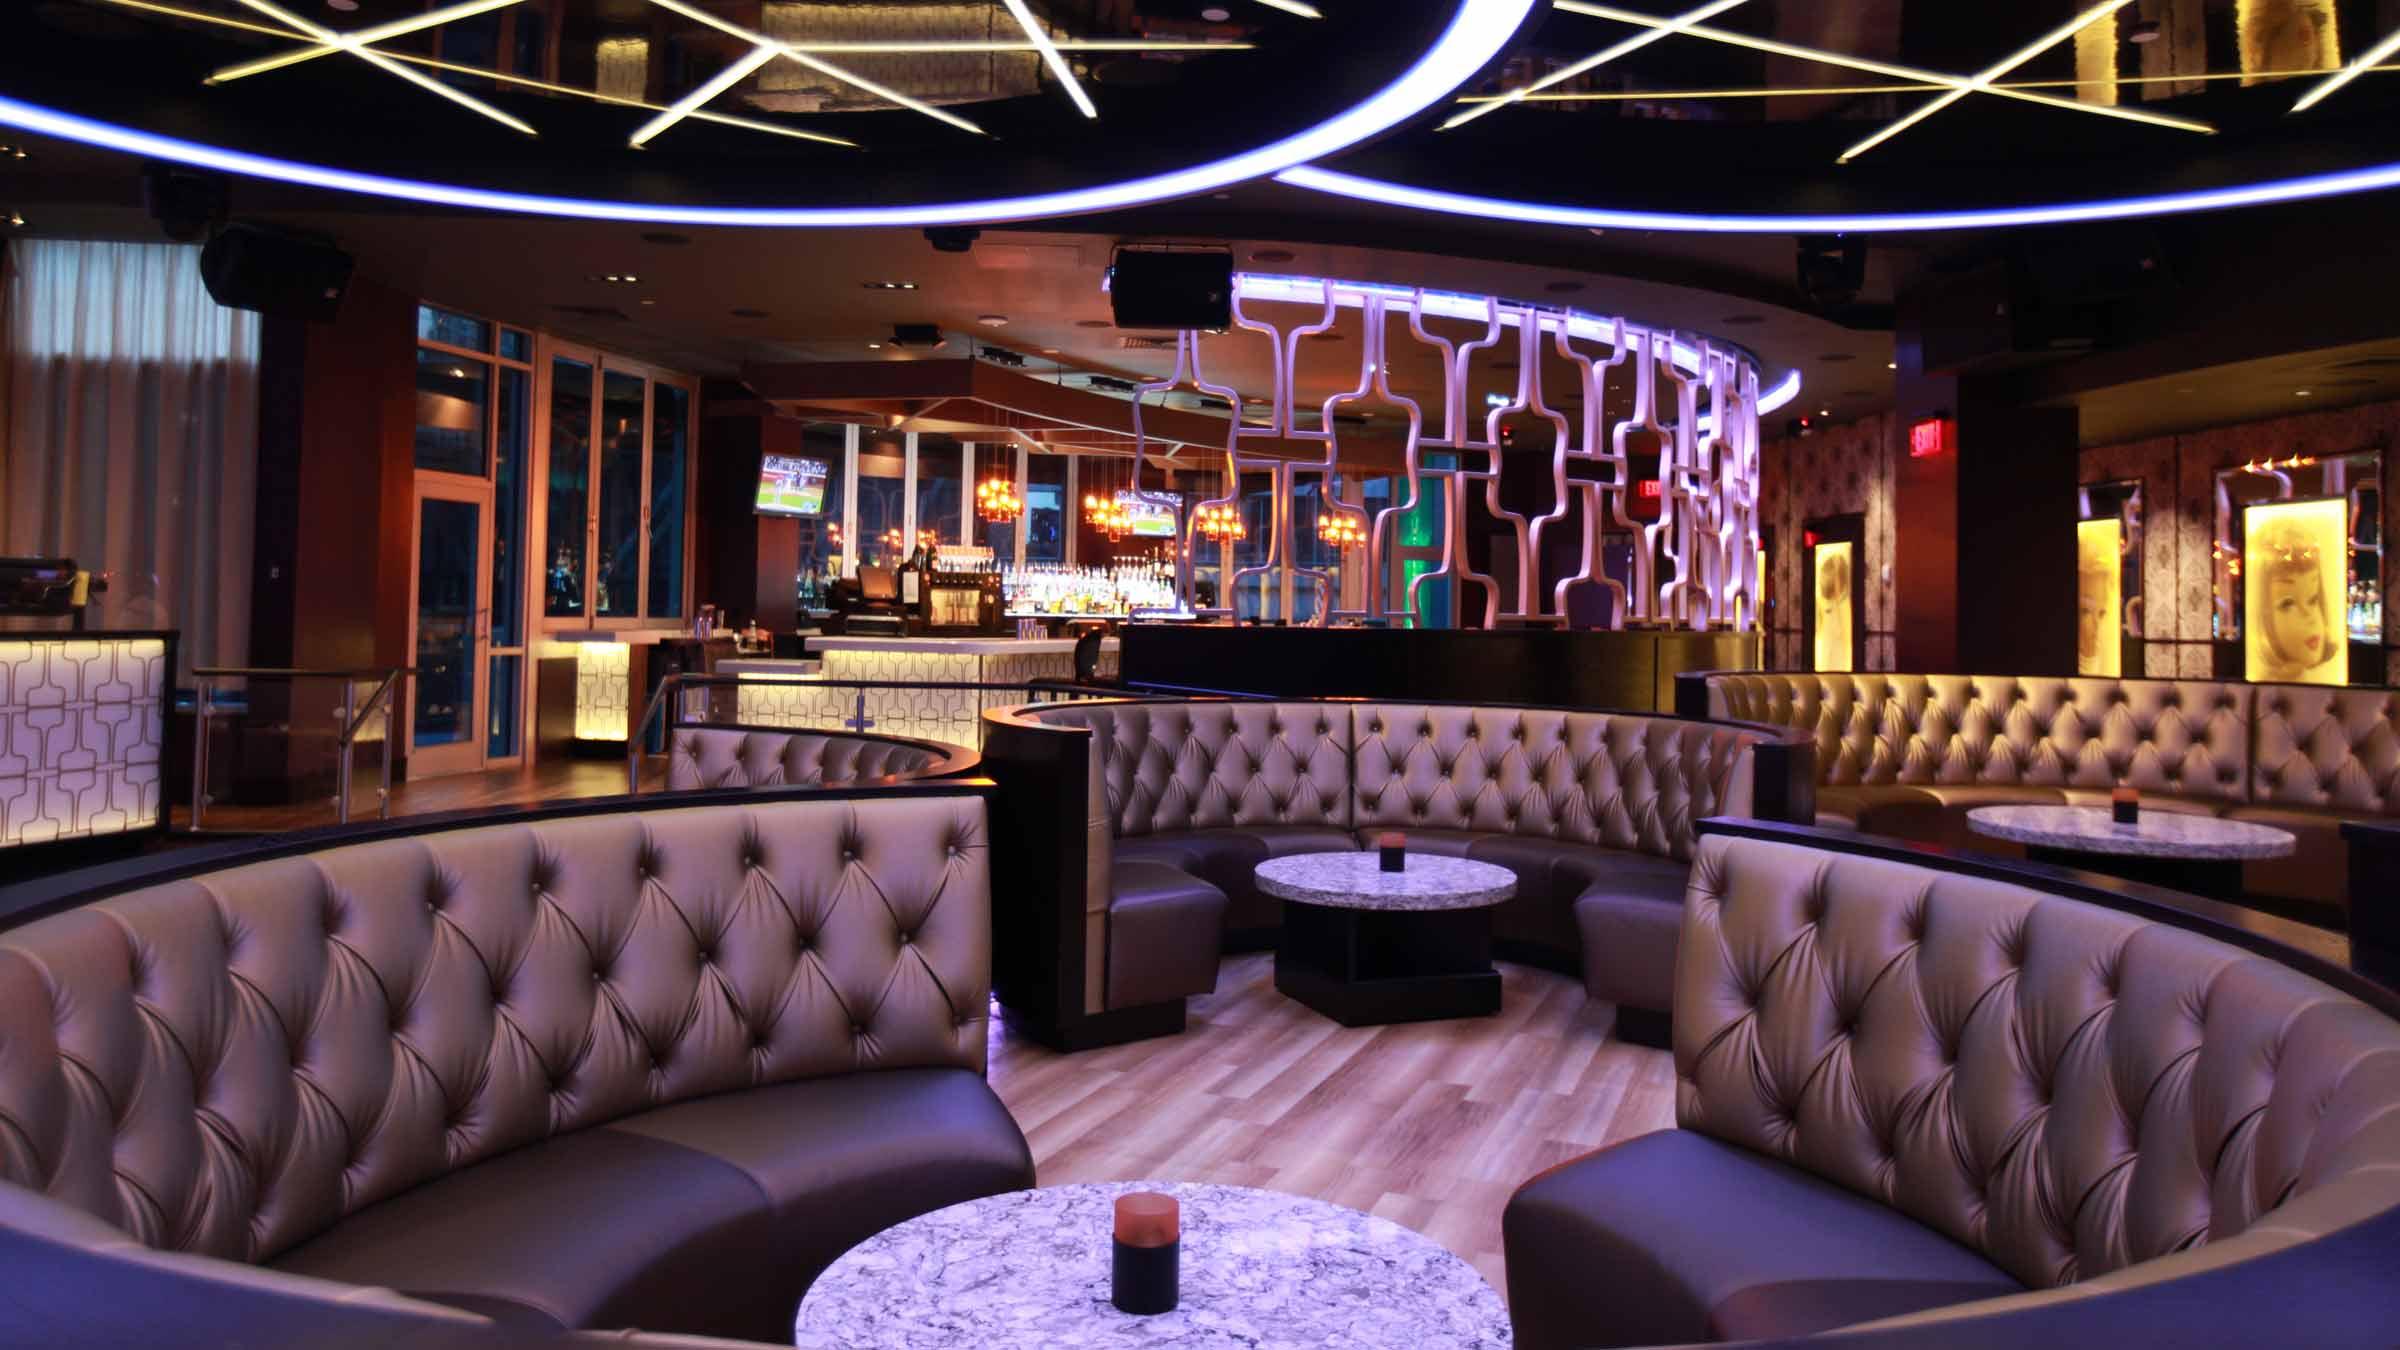 Restaurant hotel nightclub design by bigtime design for Hotel club decor